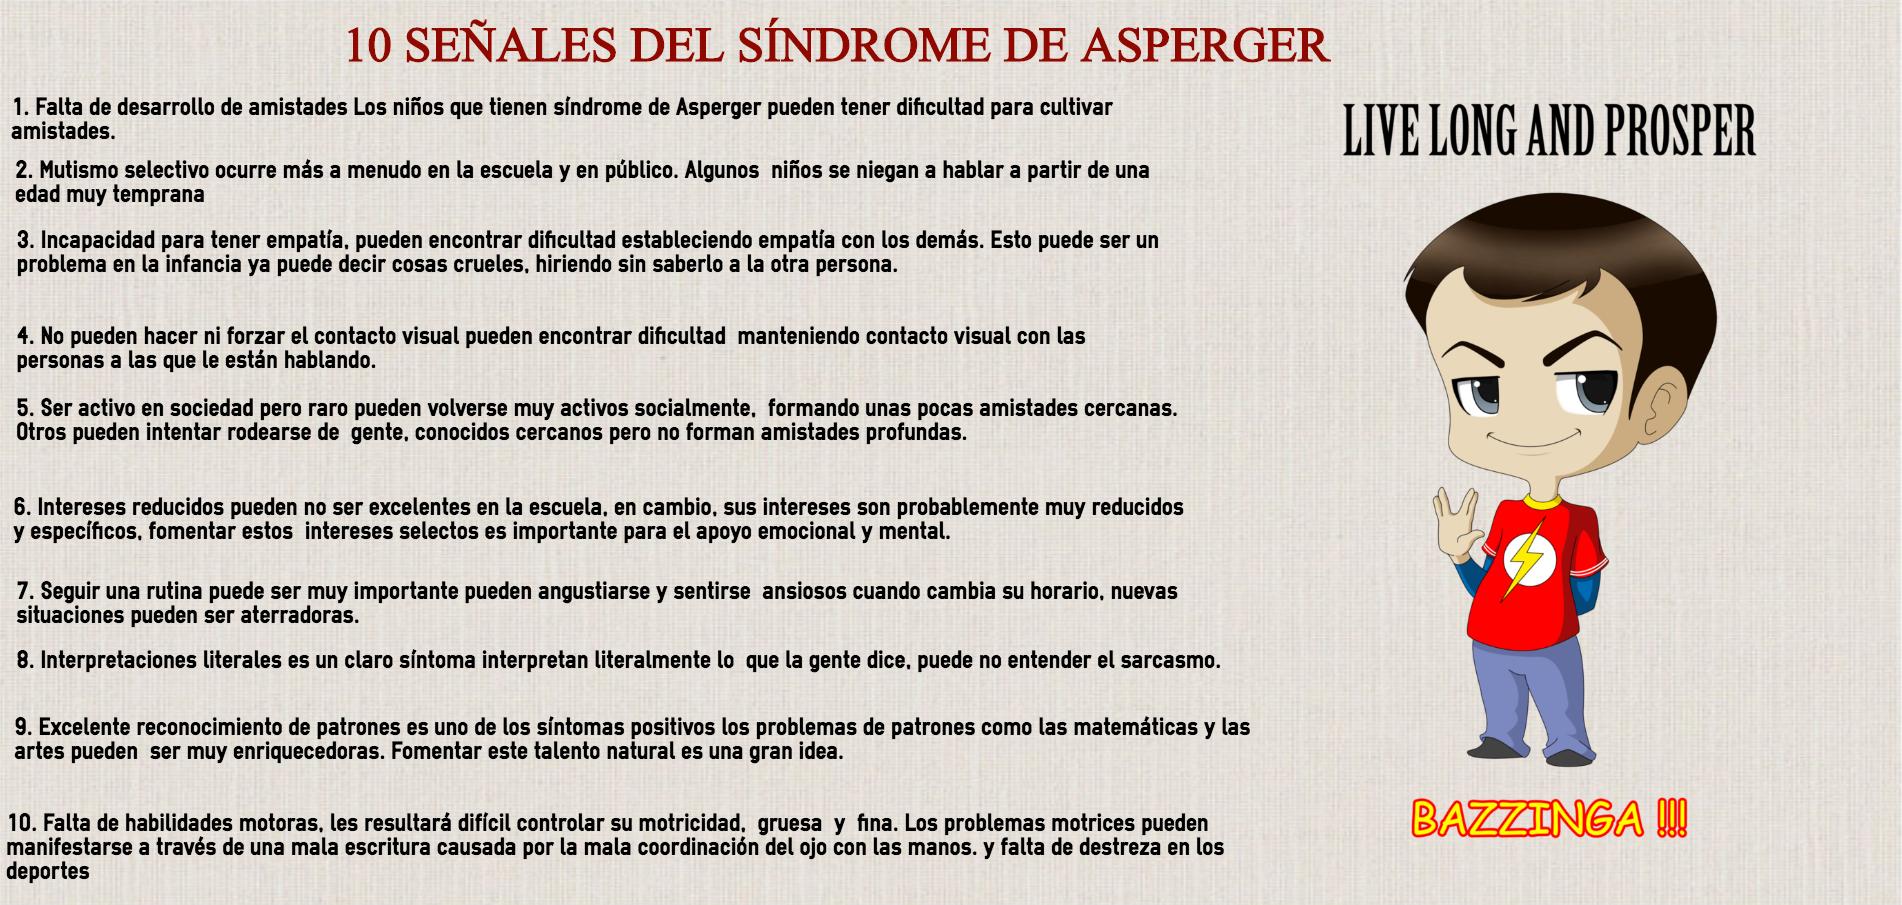 Circuito Del Habla : Síndrome de asperger 10 señales para identificar este trastorno